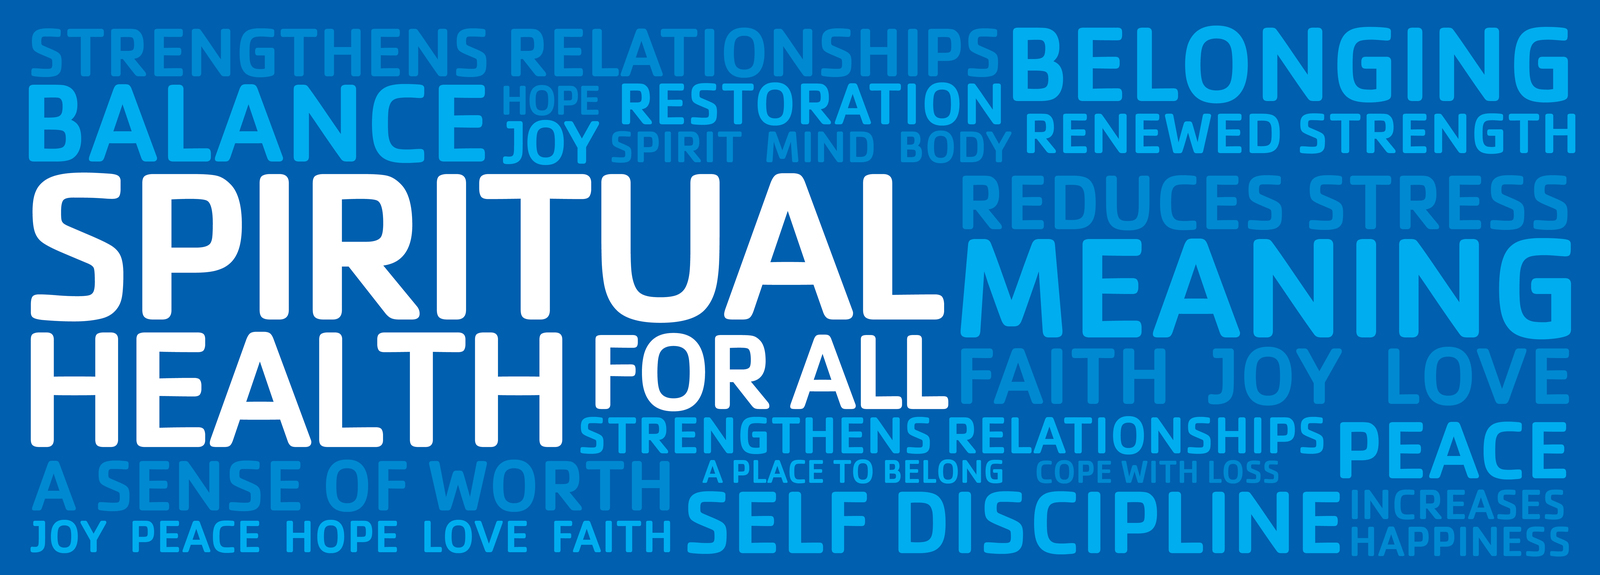 spiritual-health-hero-3-01-1_h.jpg